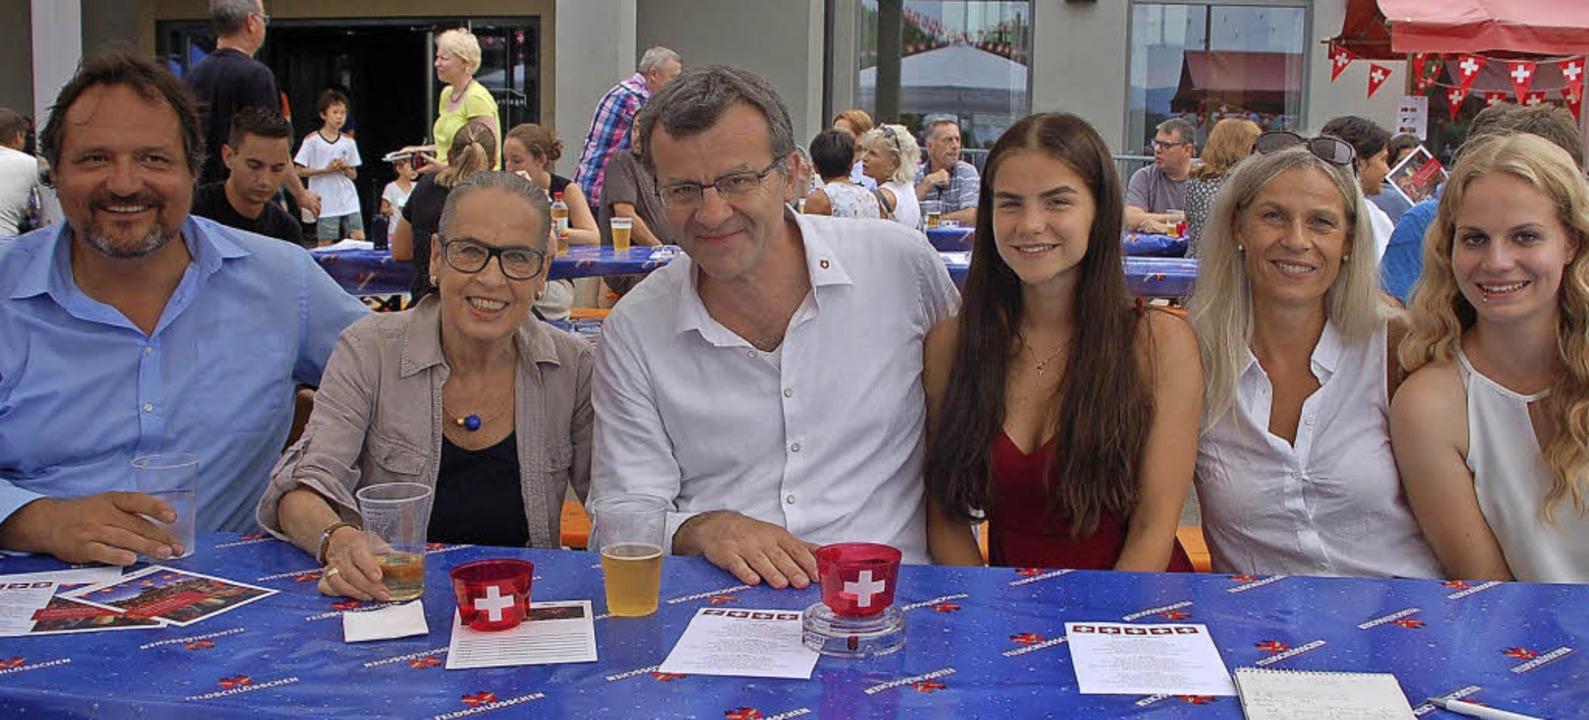 Gemeinsam feiern am 1. August: Peter S...a und Ehefrau Corinna und Sina Bürgi    | Foto: Petra Wunderle